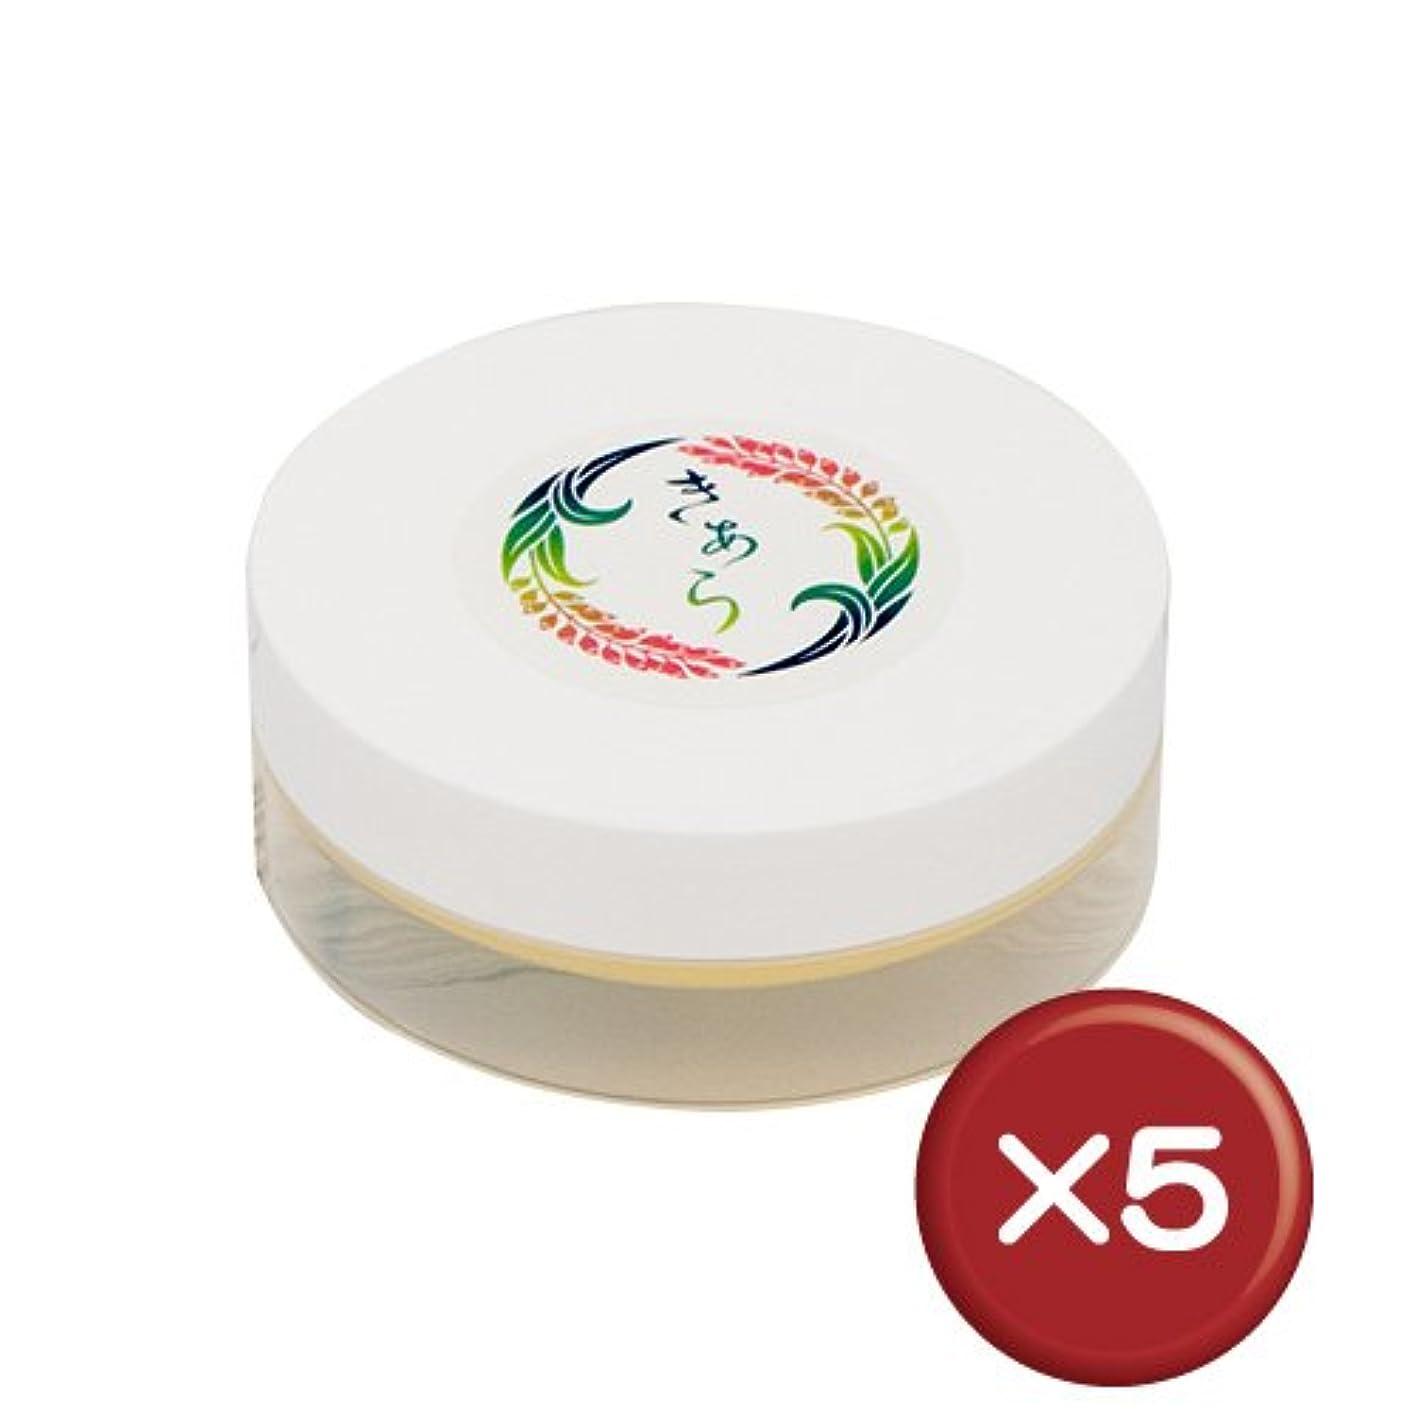 パウダー不規則性ログ月桃精油入りミツロウクリーム 5個セット